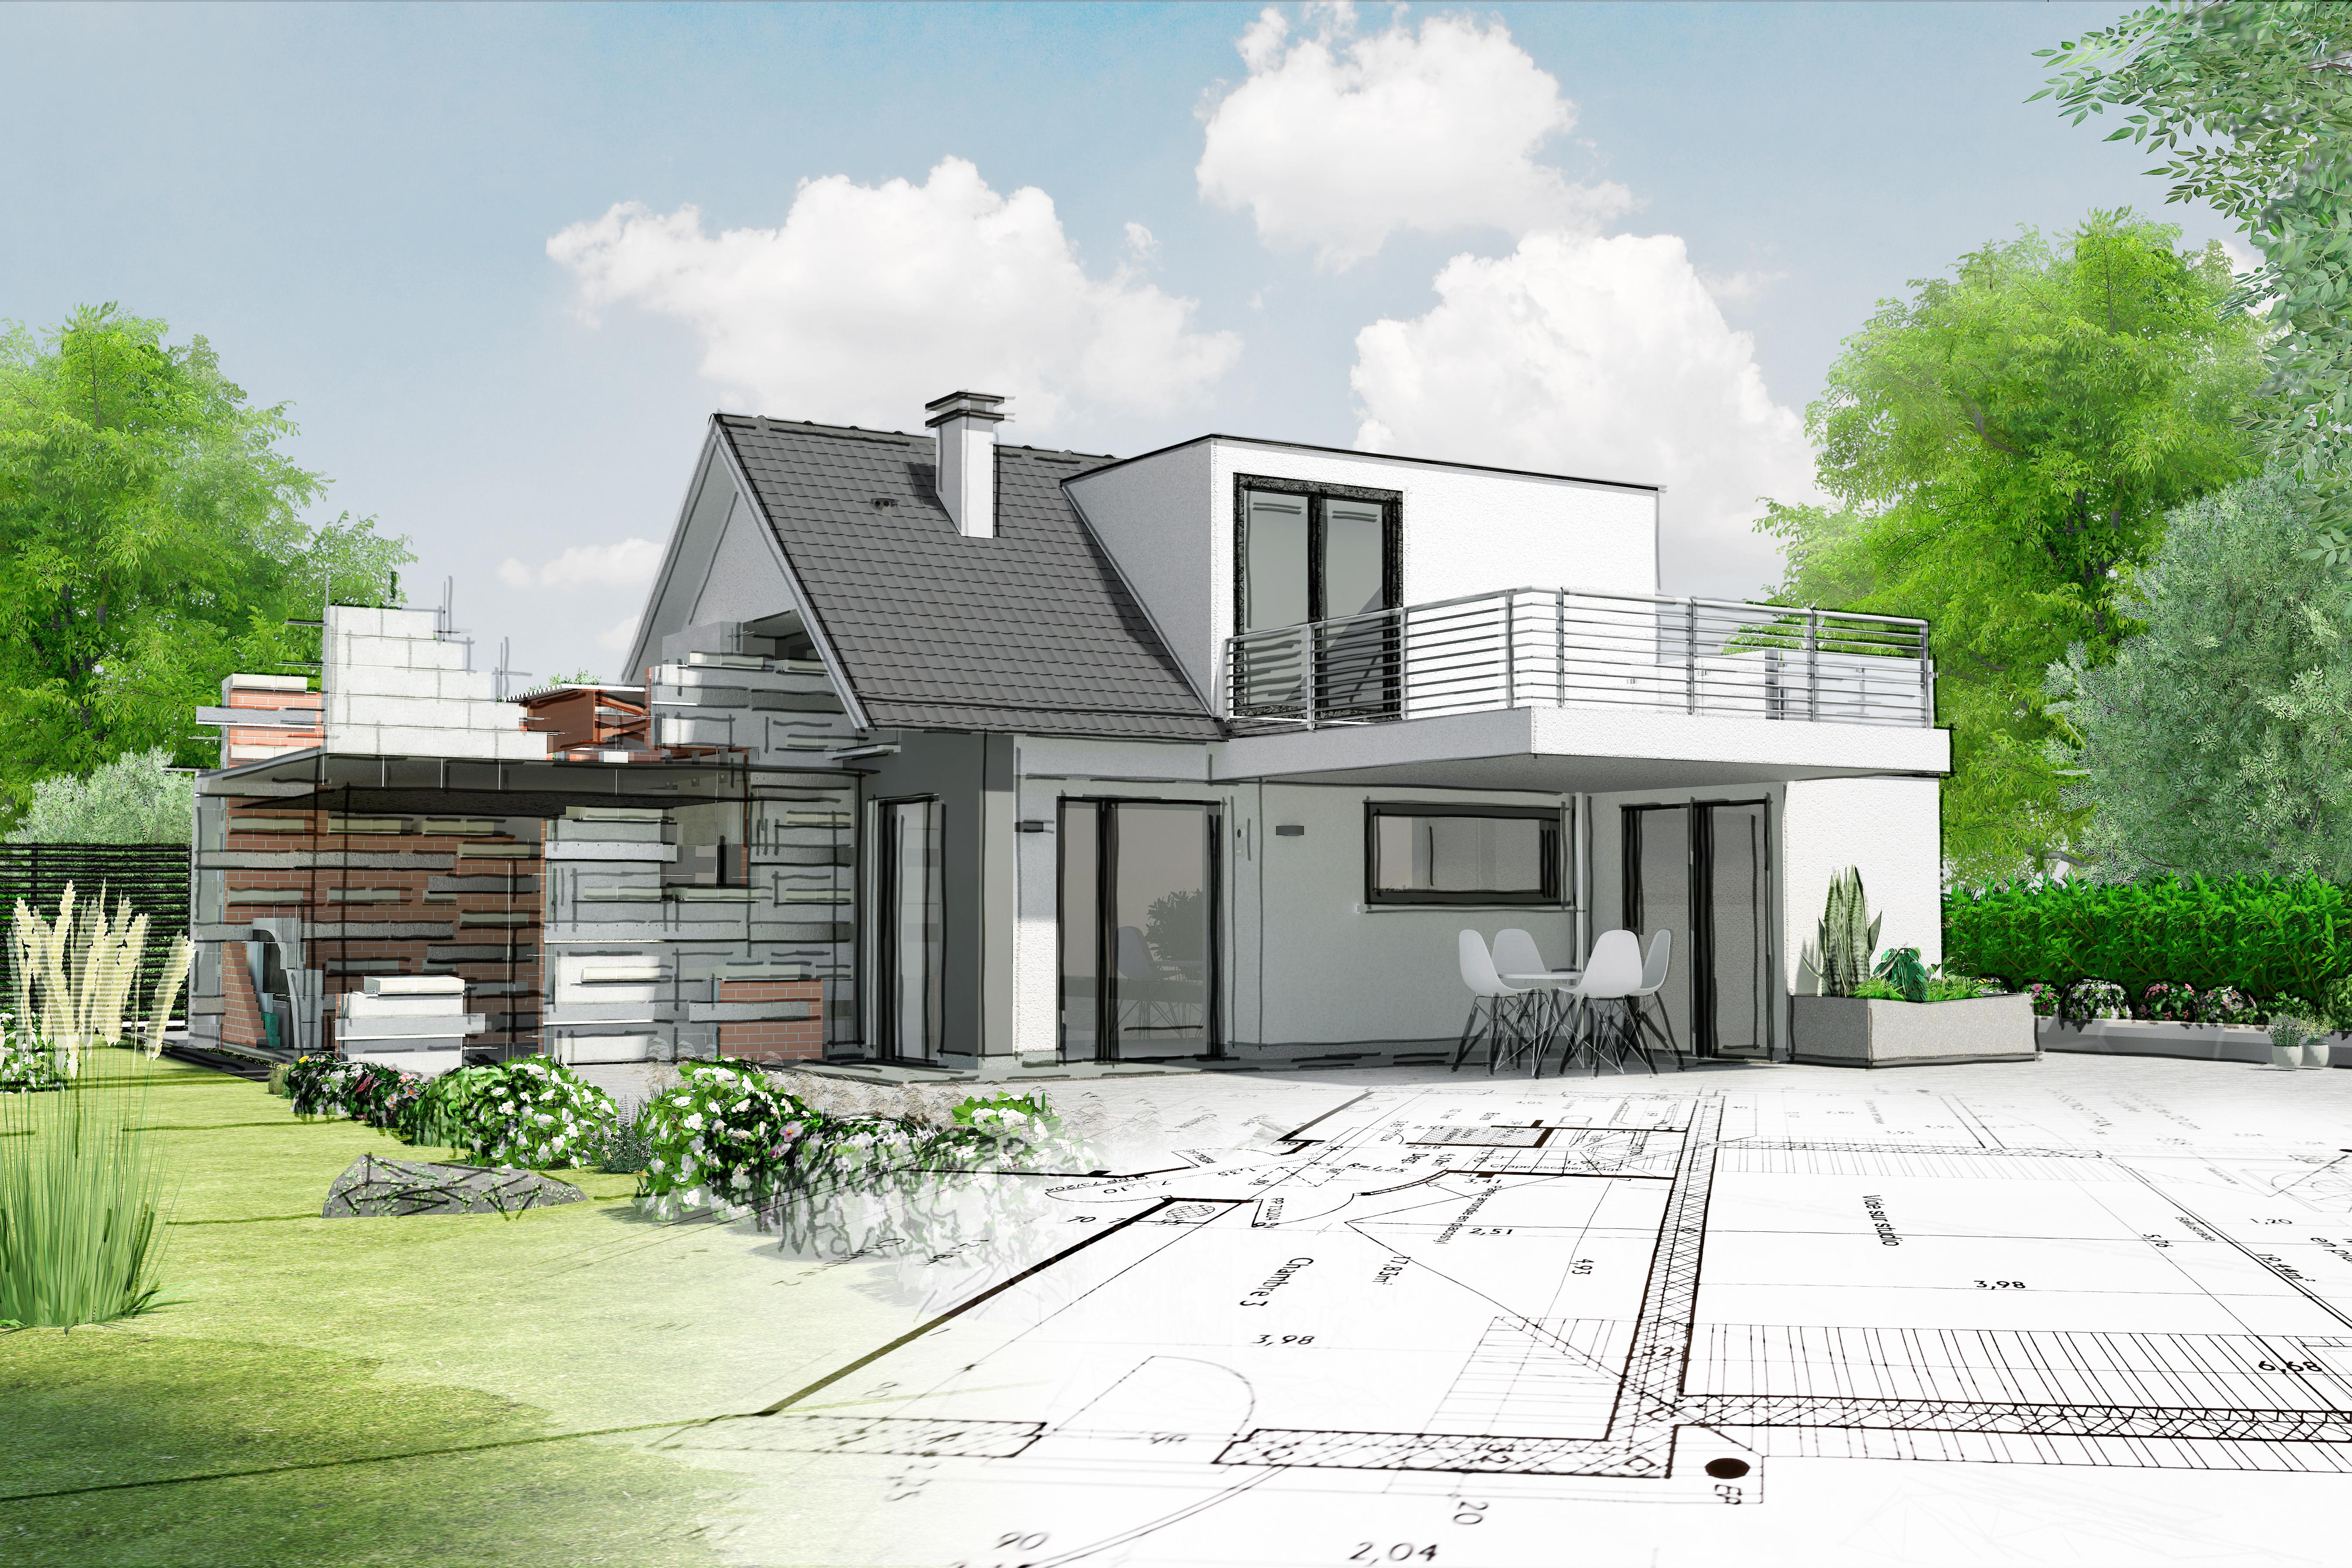 rev tement de sol granulat de marbre moquette de pierre r sine sol ext rieur vy and co. Black Bedroom Furniture Sets. Home Design Ideas